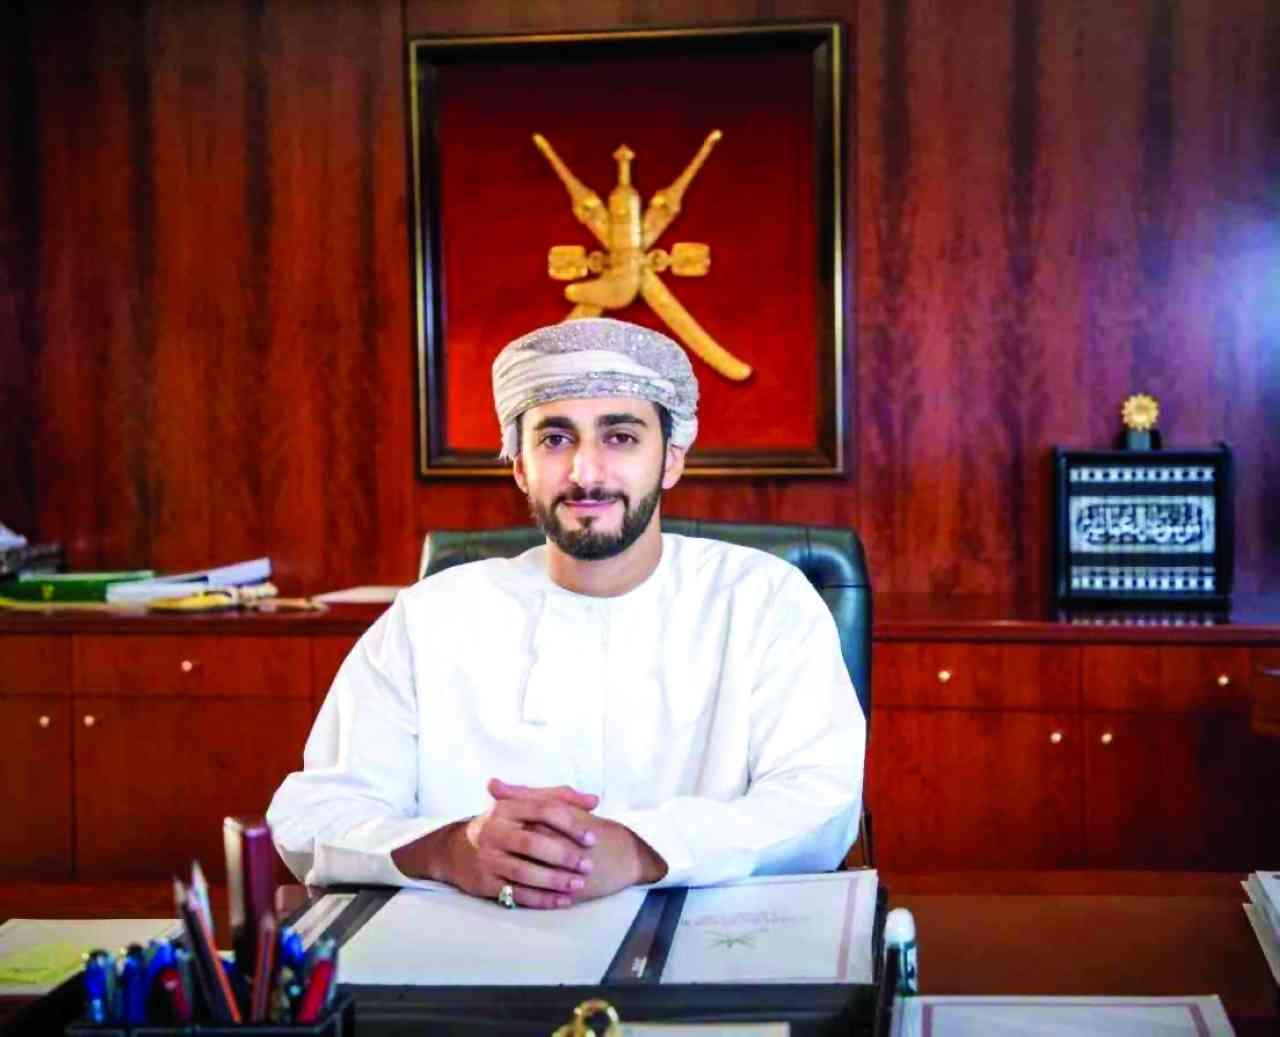 ذي يزن بن هيثم ولياً للعهد في سلطنة عمان